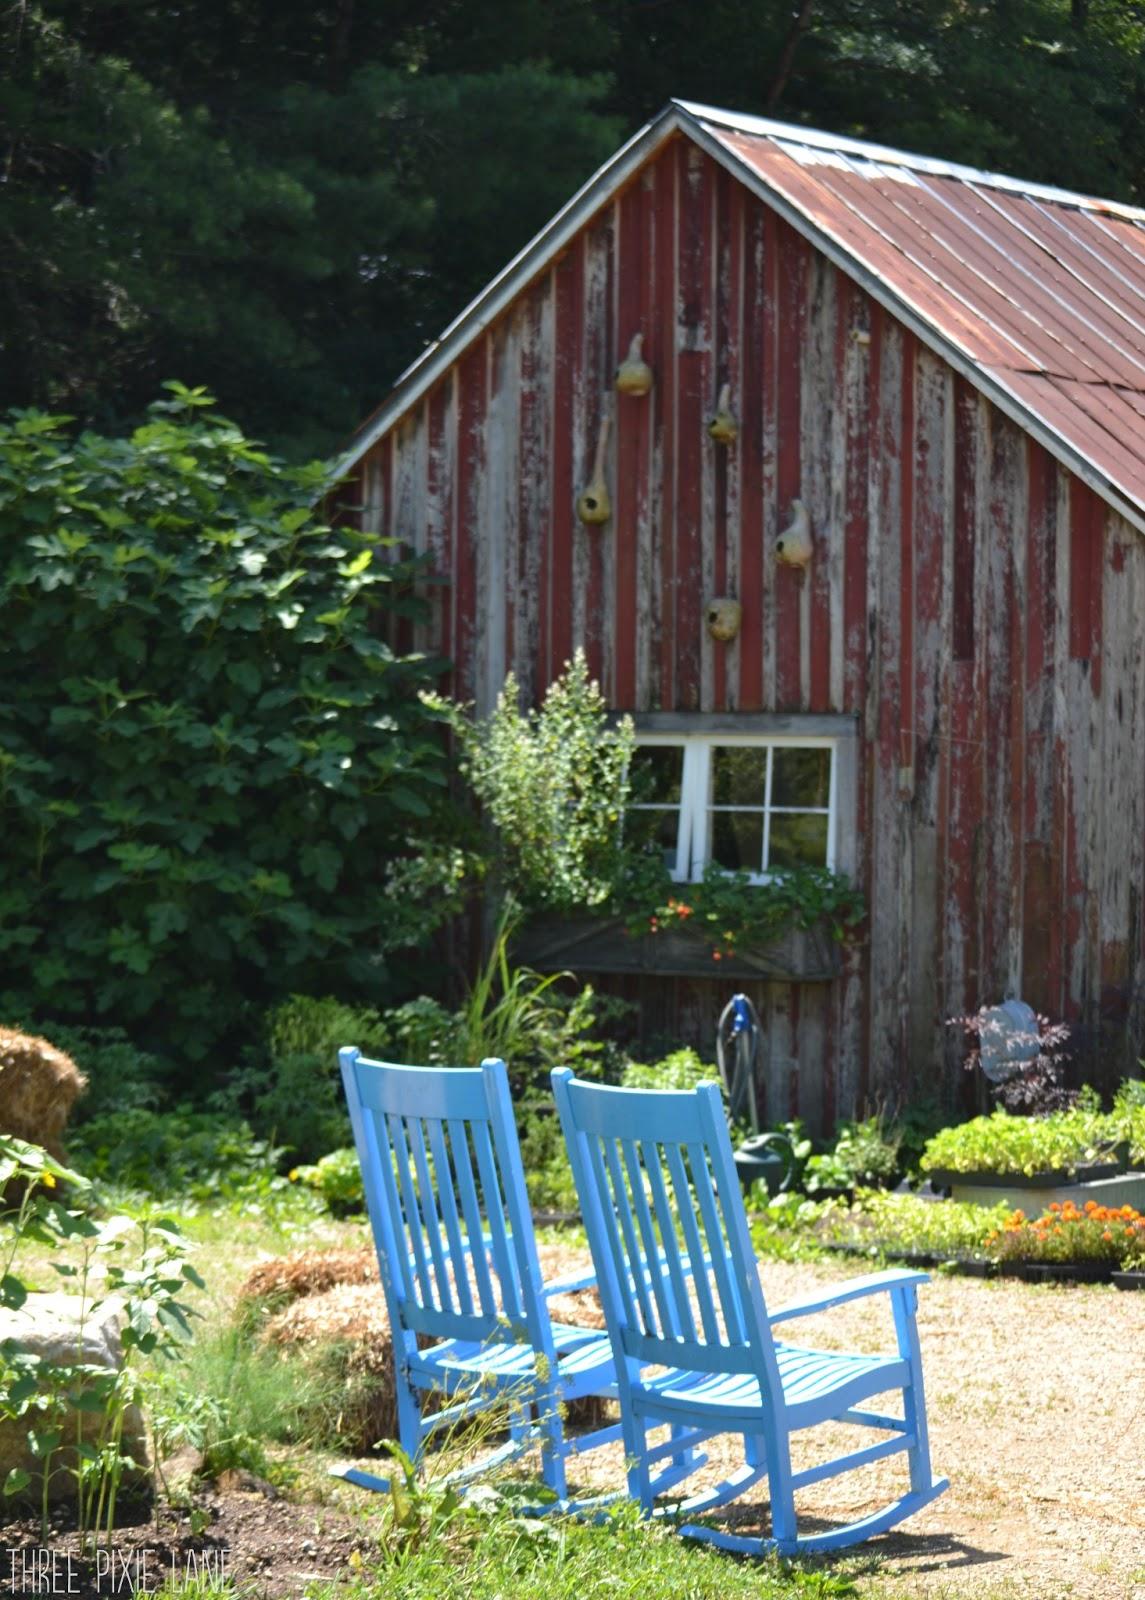 Three Pixie Lane Blackberry Farm Top Ten Things To Do